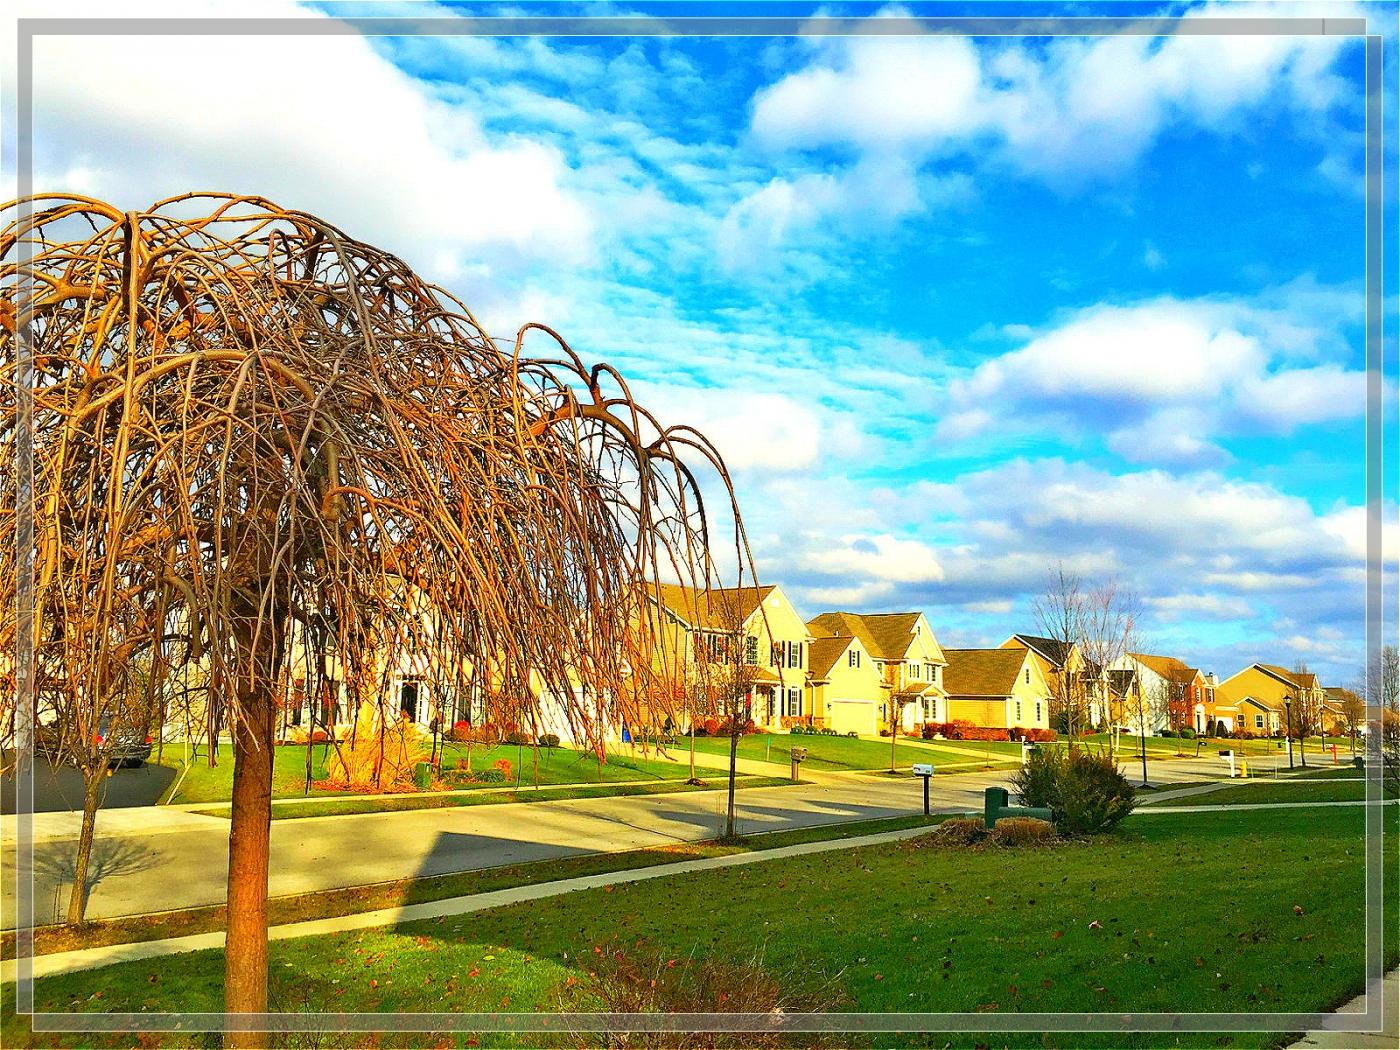 4格照片---蓝蓝的天空白云飘_图1-1